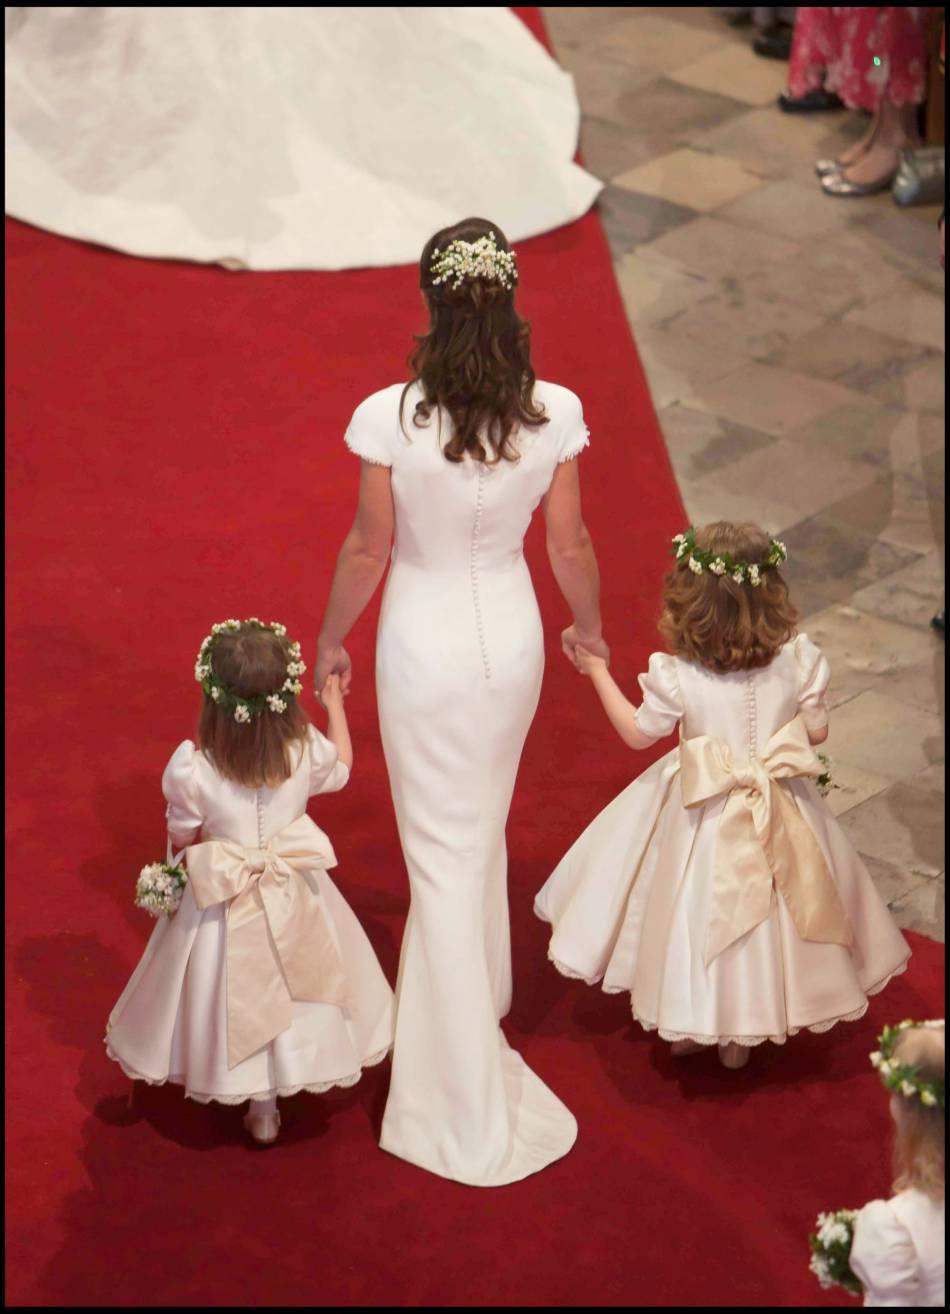 Les fesses de Pippa ont été l'objet de toutes les conversations le jour du mariage de Kate et William.